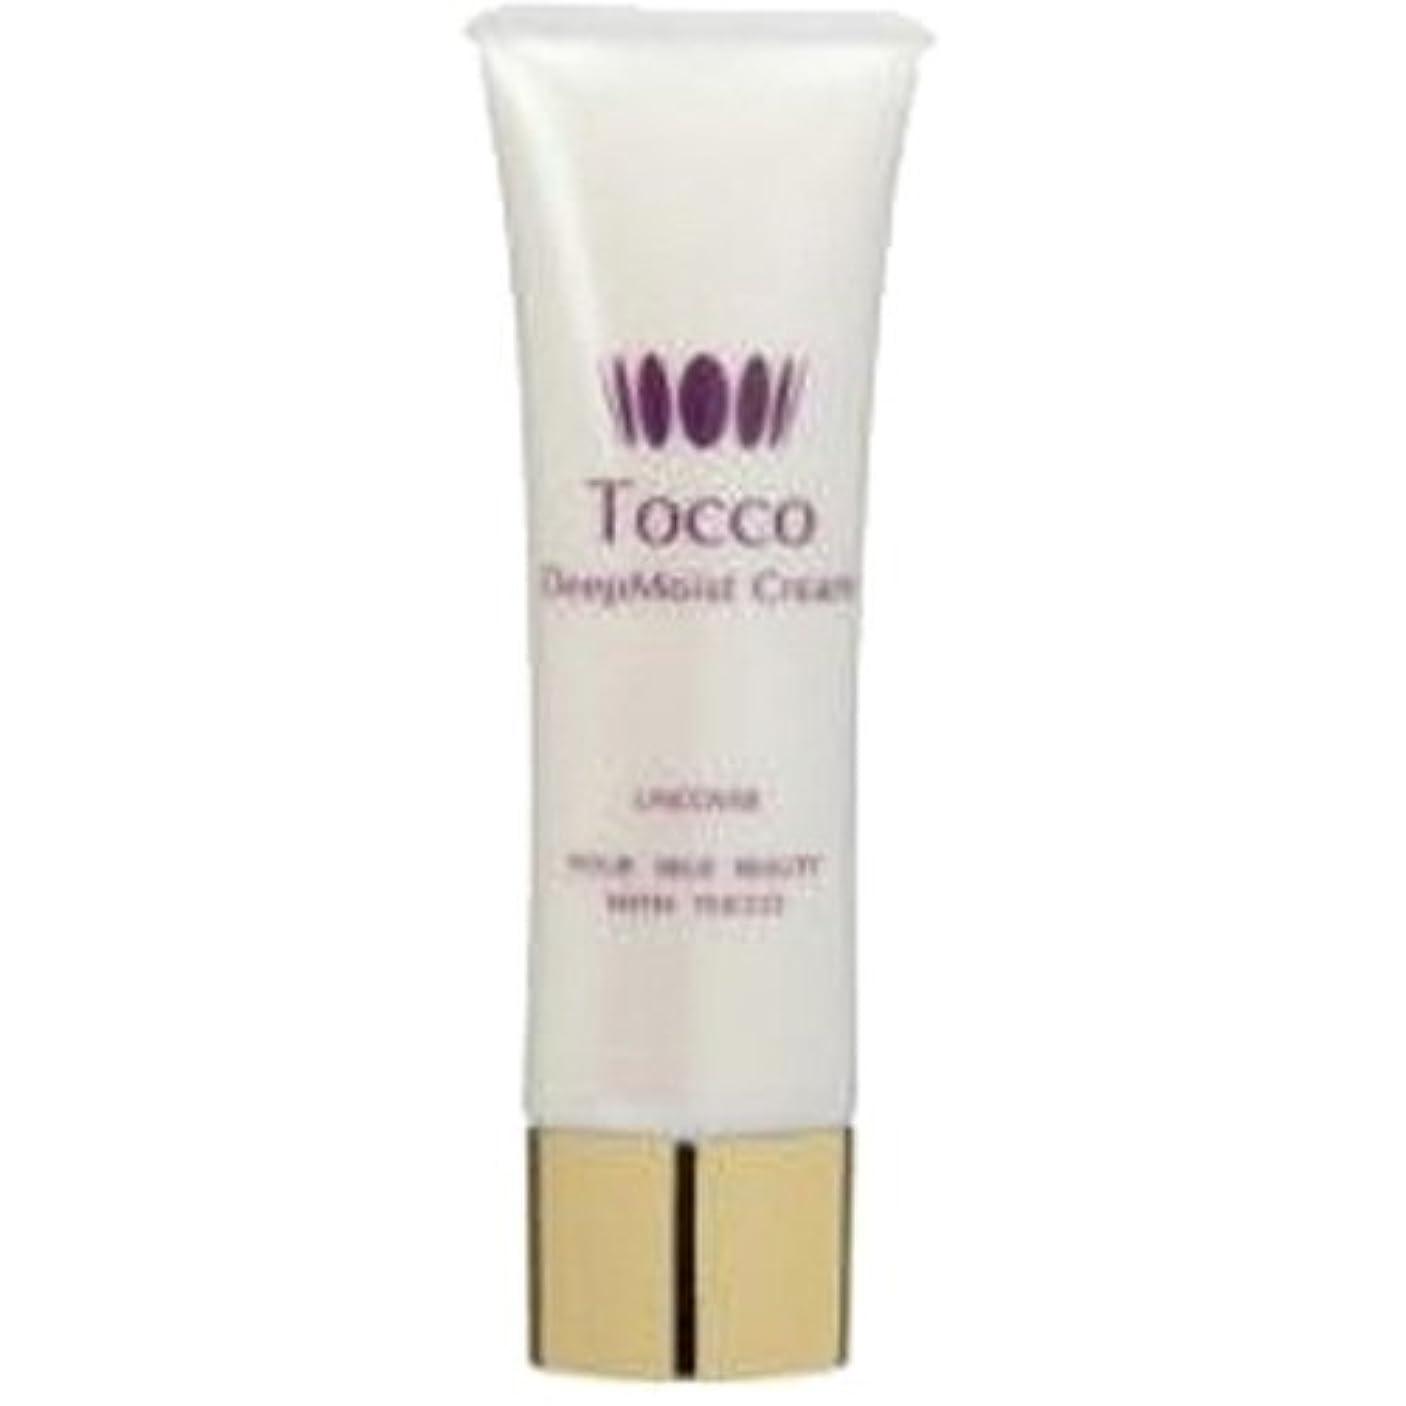 ラフ無謀縞模様のTocco(トッコ)ディープモイストクリーム 30g